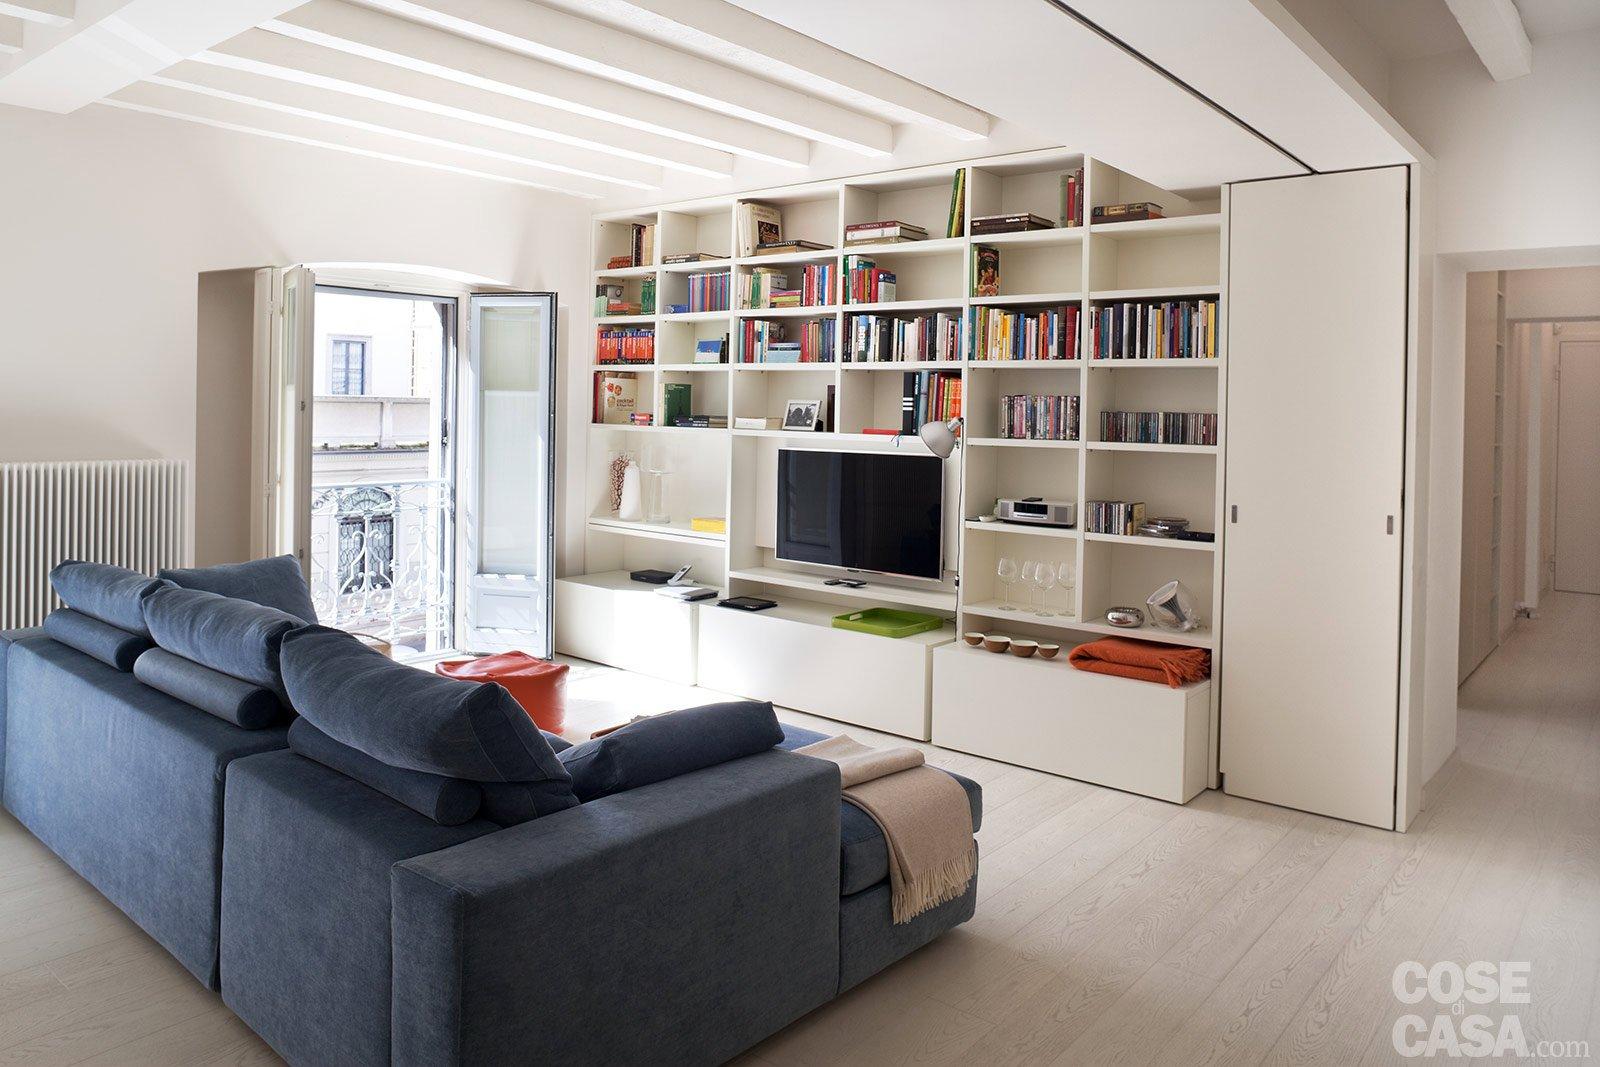 arredare soggiorno piccolo classico: tiarch.com foto di camere da ... - Arredamento Classico Fiorentino